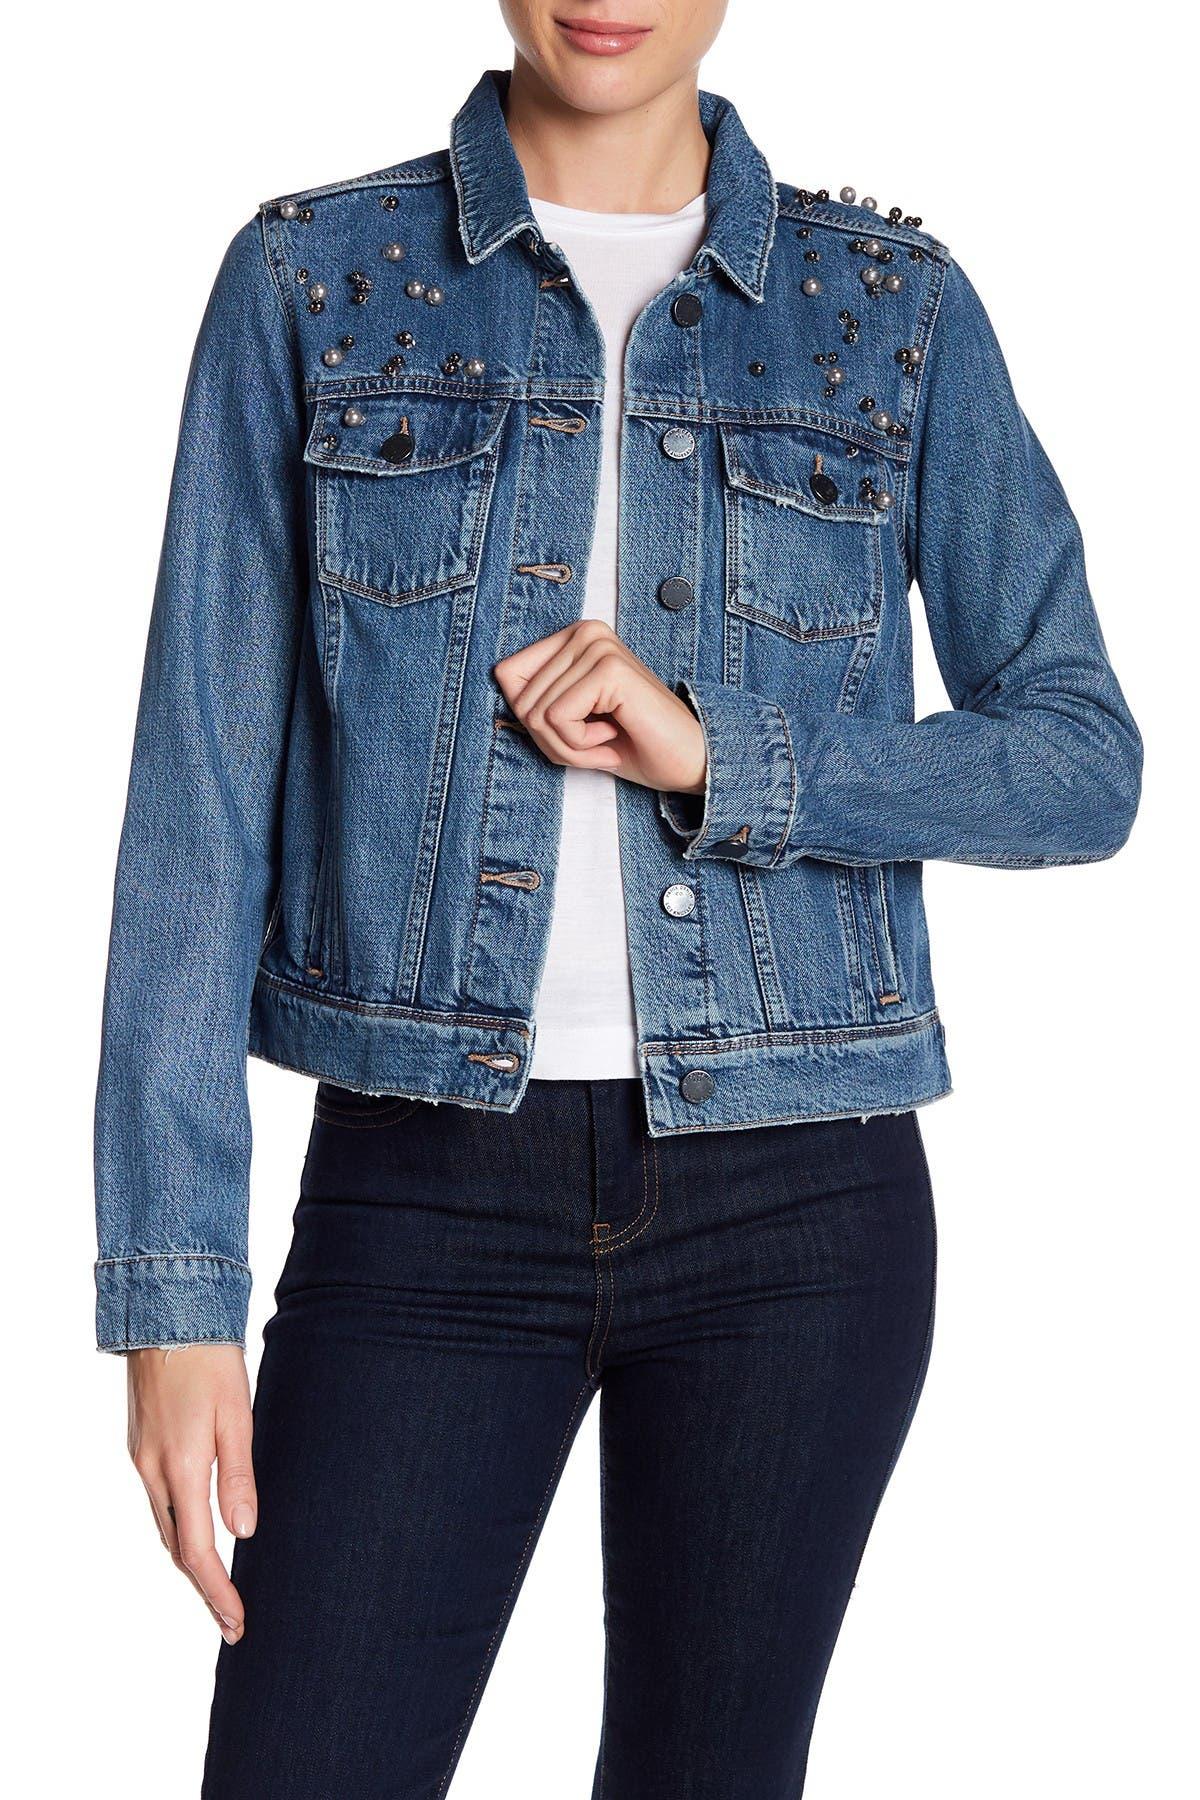 Image of PAIGE Rowan Embellished Denim Jacket